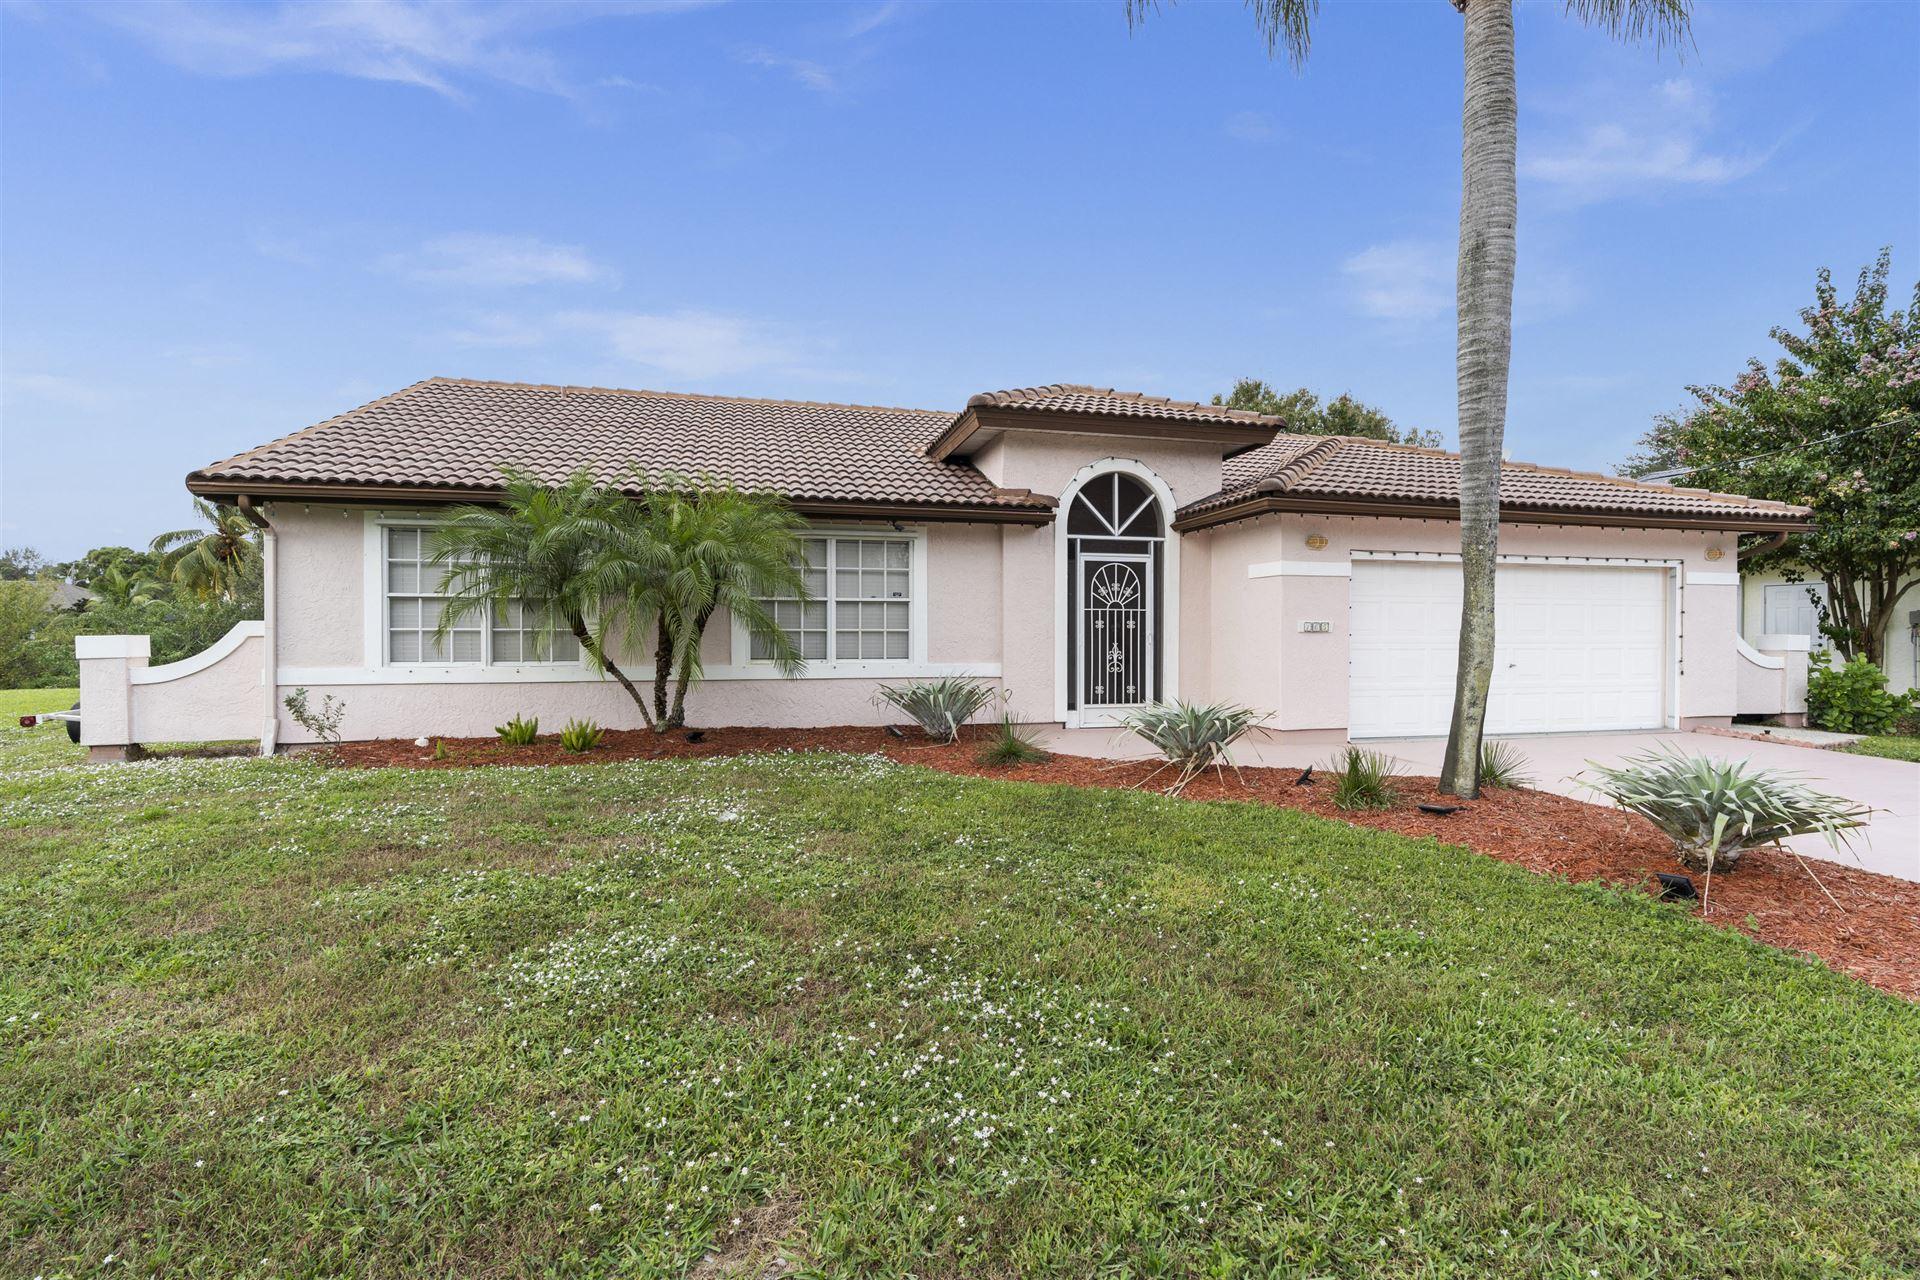 165 NE Sagamore Terrace, Port Saint Lucie, FL 34983 - #: RX-10679342